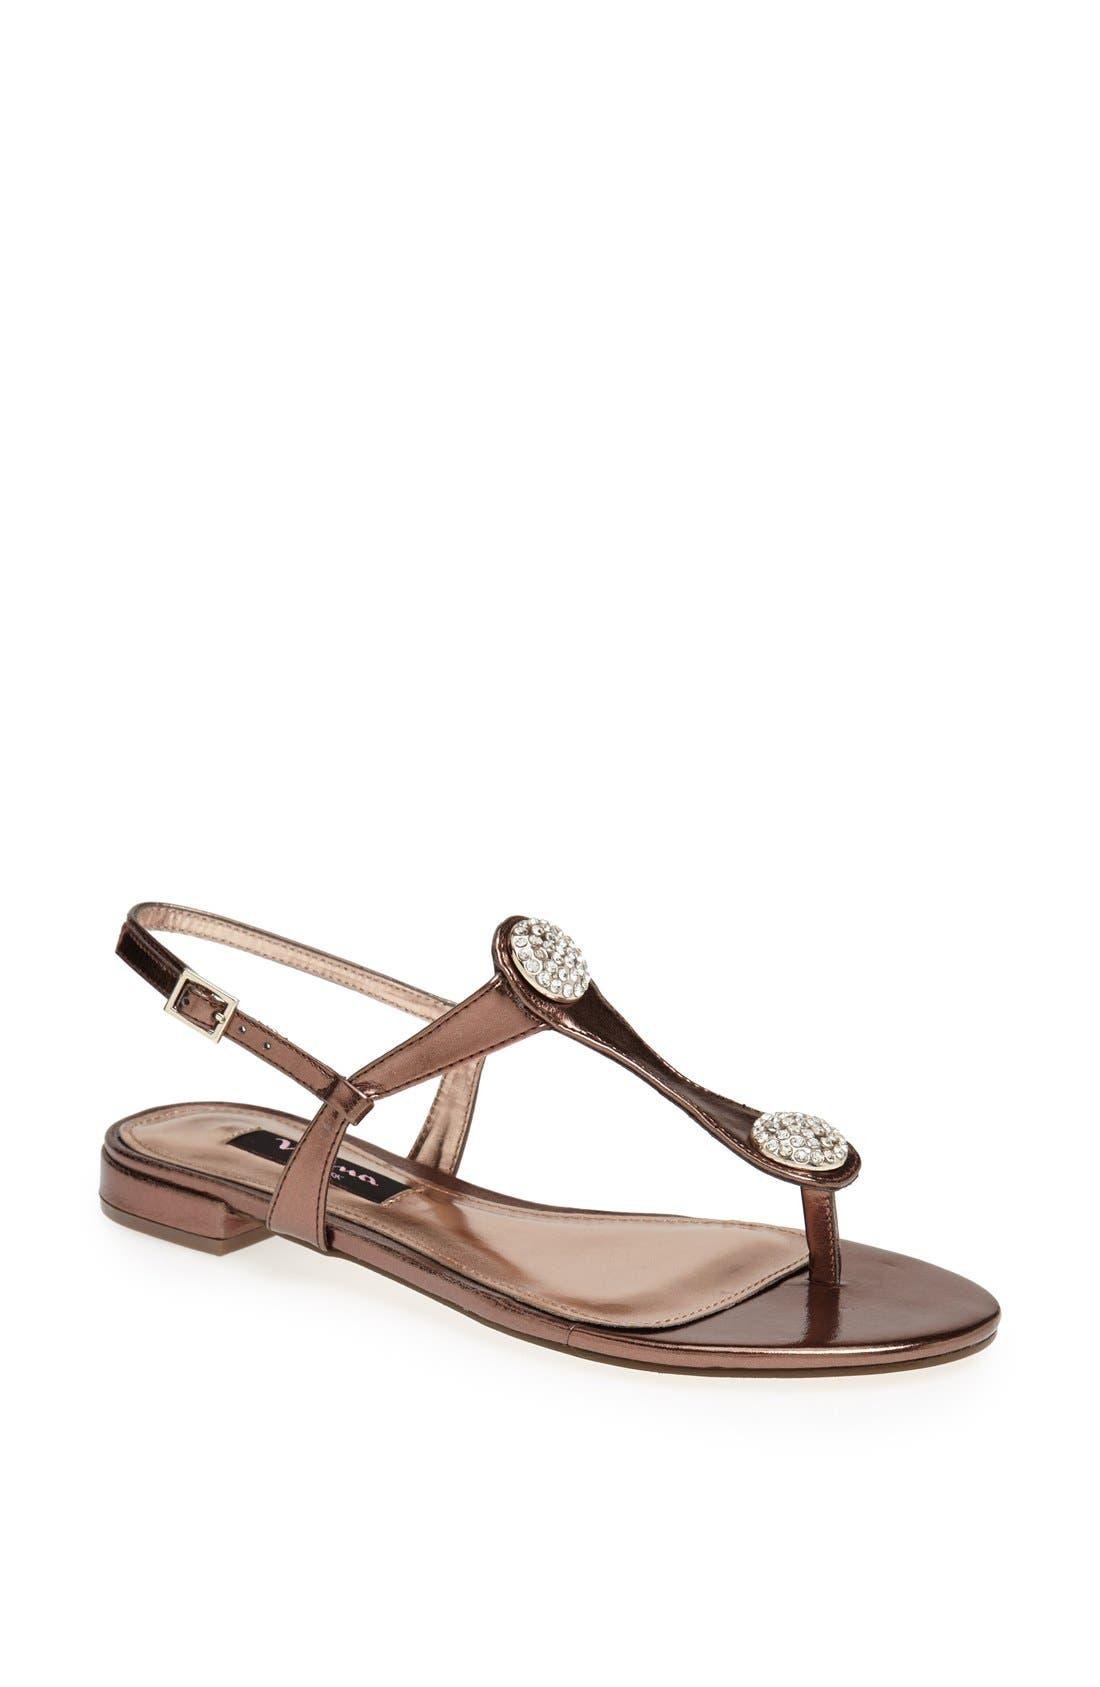 Alternate Image 1 Selected - Nina 'Darya' Sandal